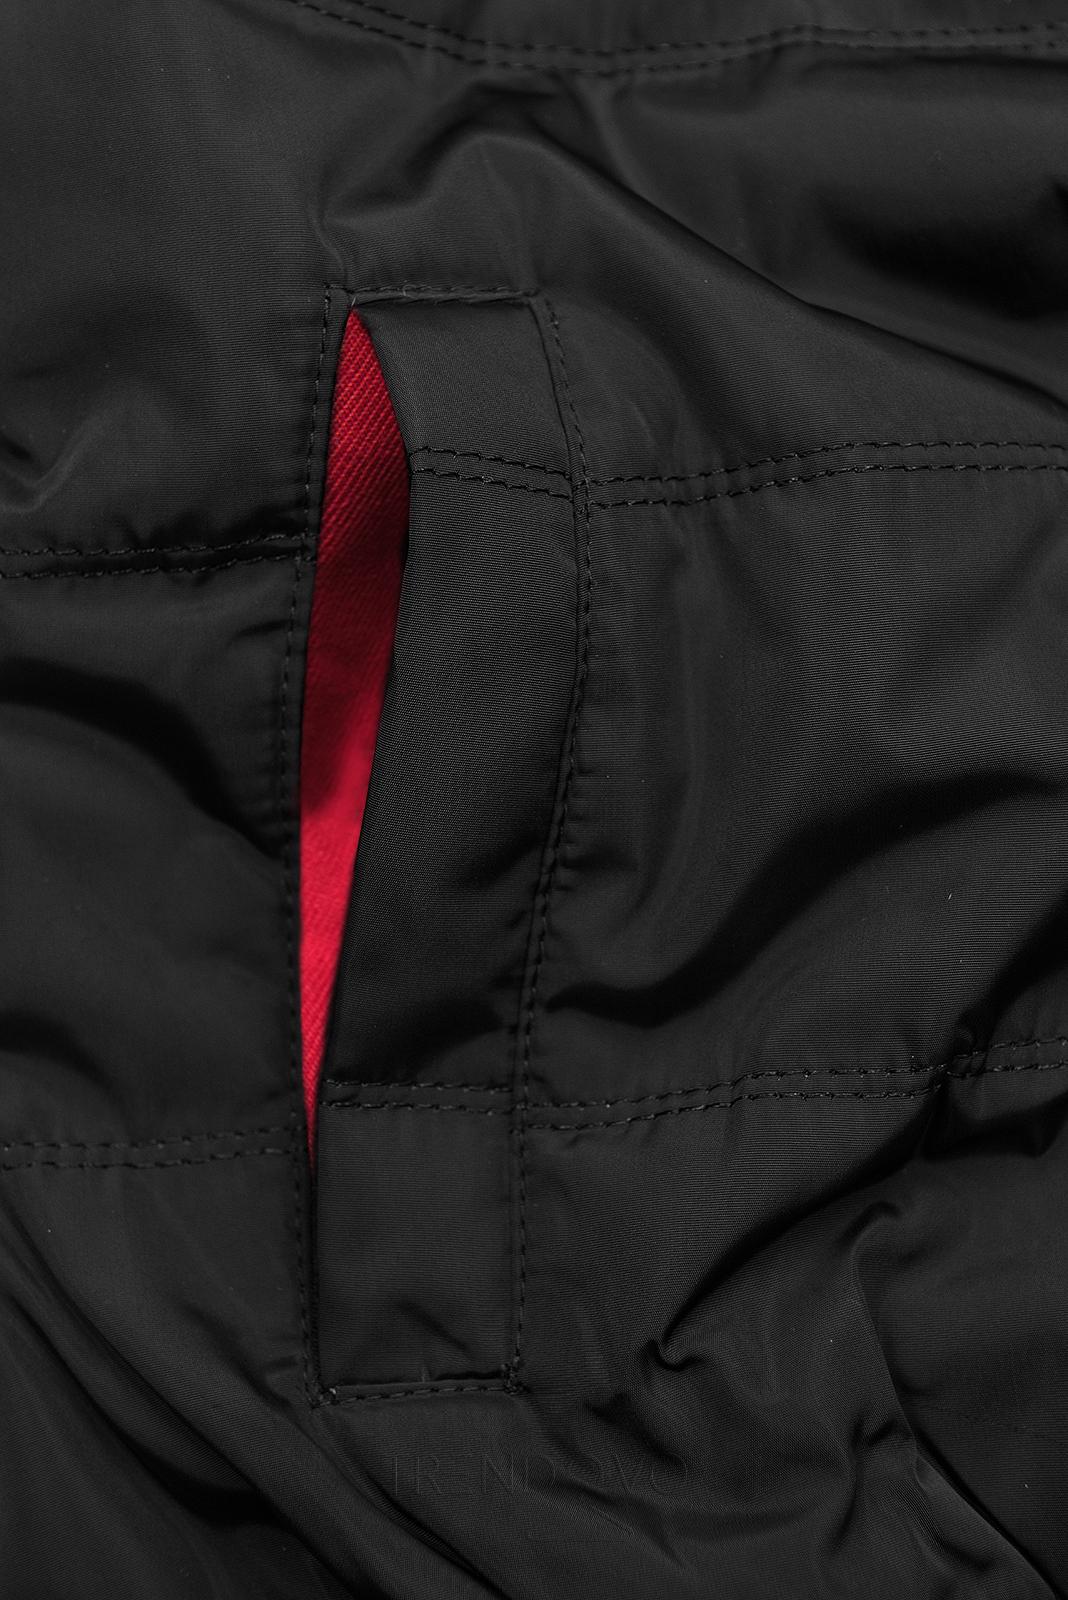 Červená súprava v kombinovaných materiáloch